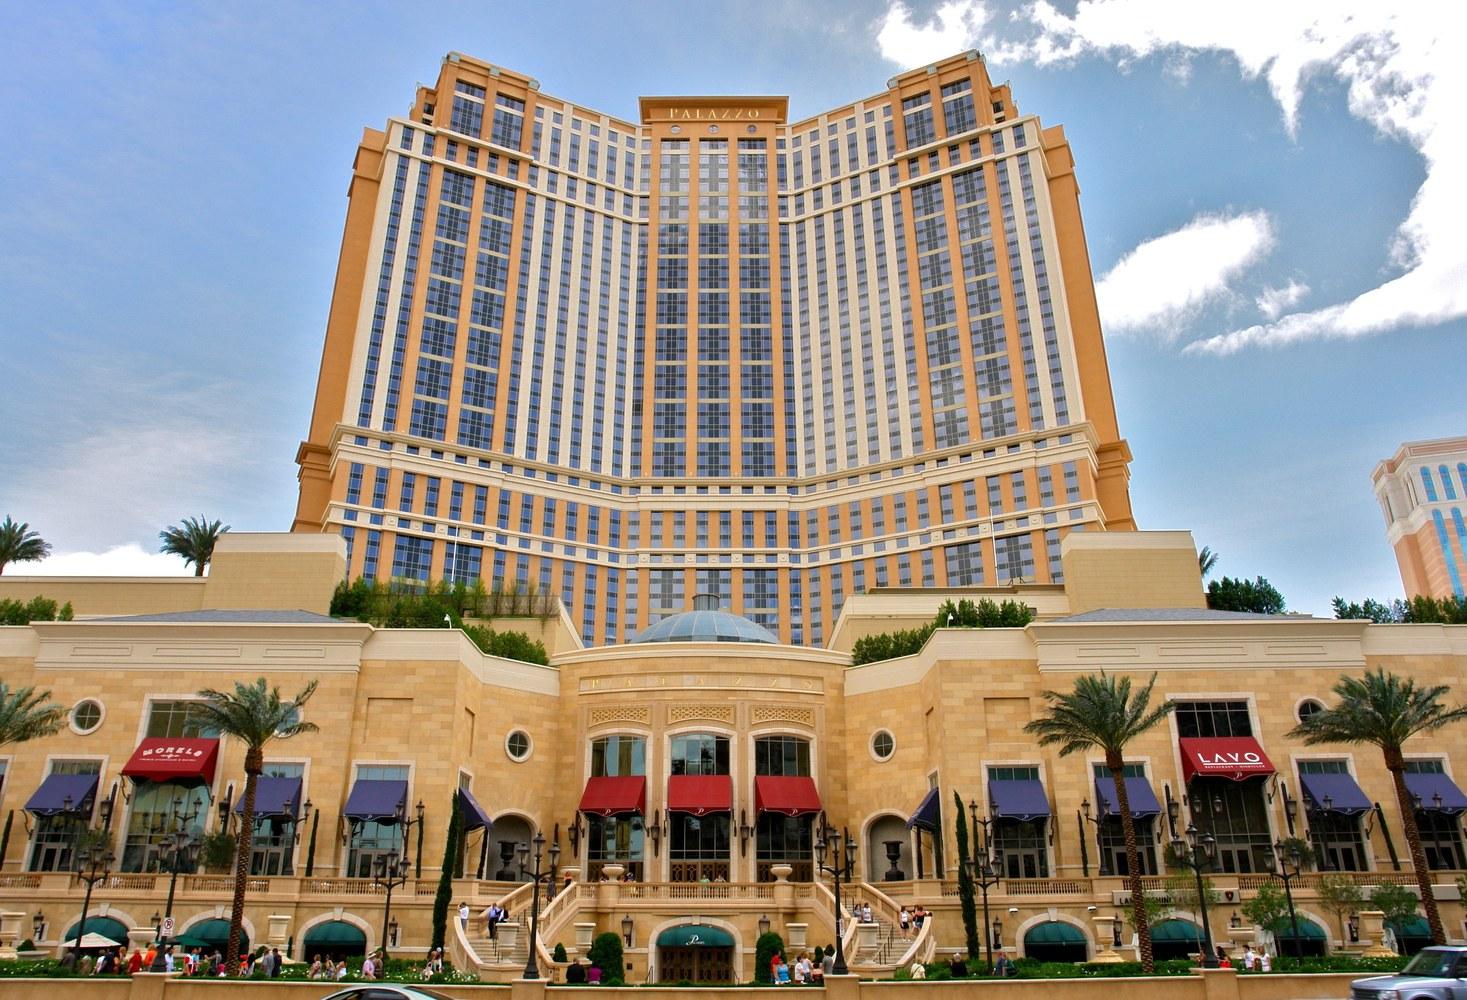 9. The Palazzo, Las Vegas (1.611 milioni di euro)